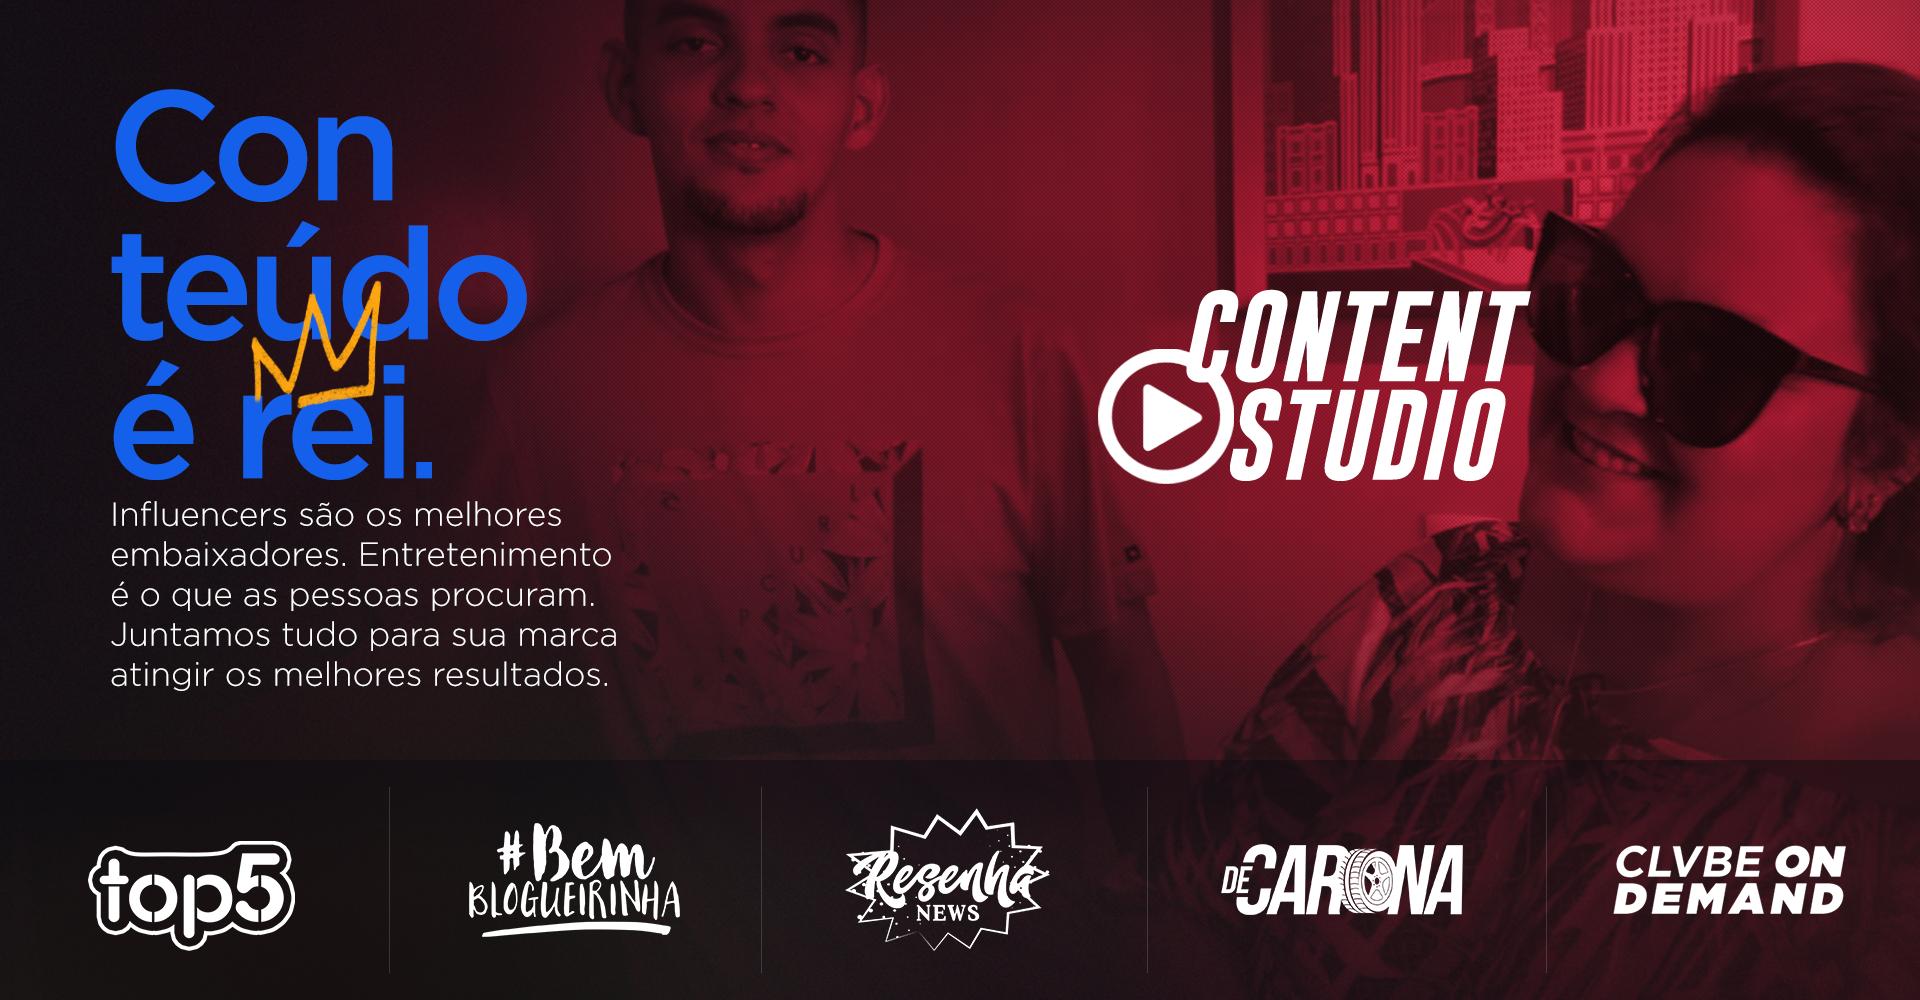 content studio_bg 03P.png